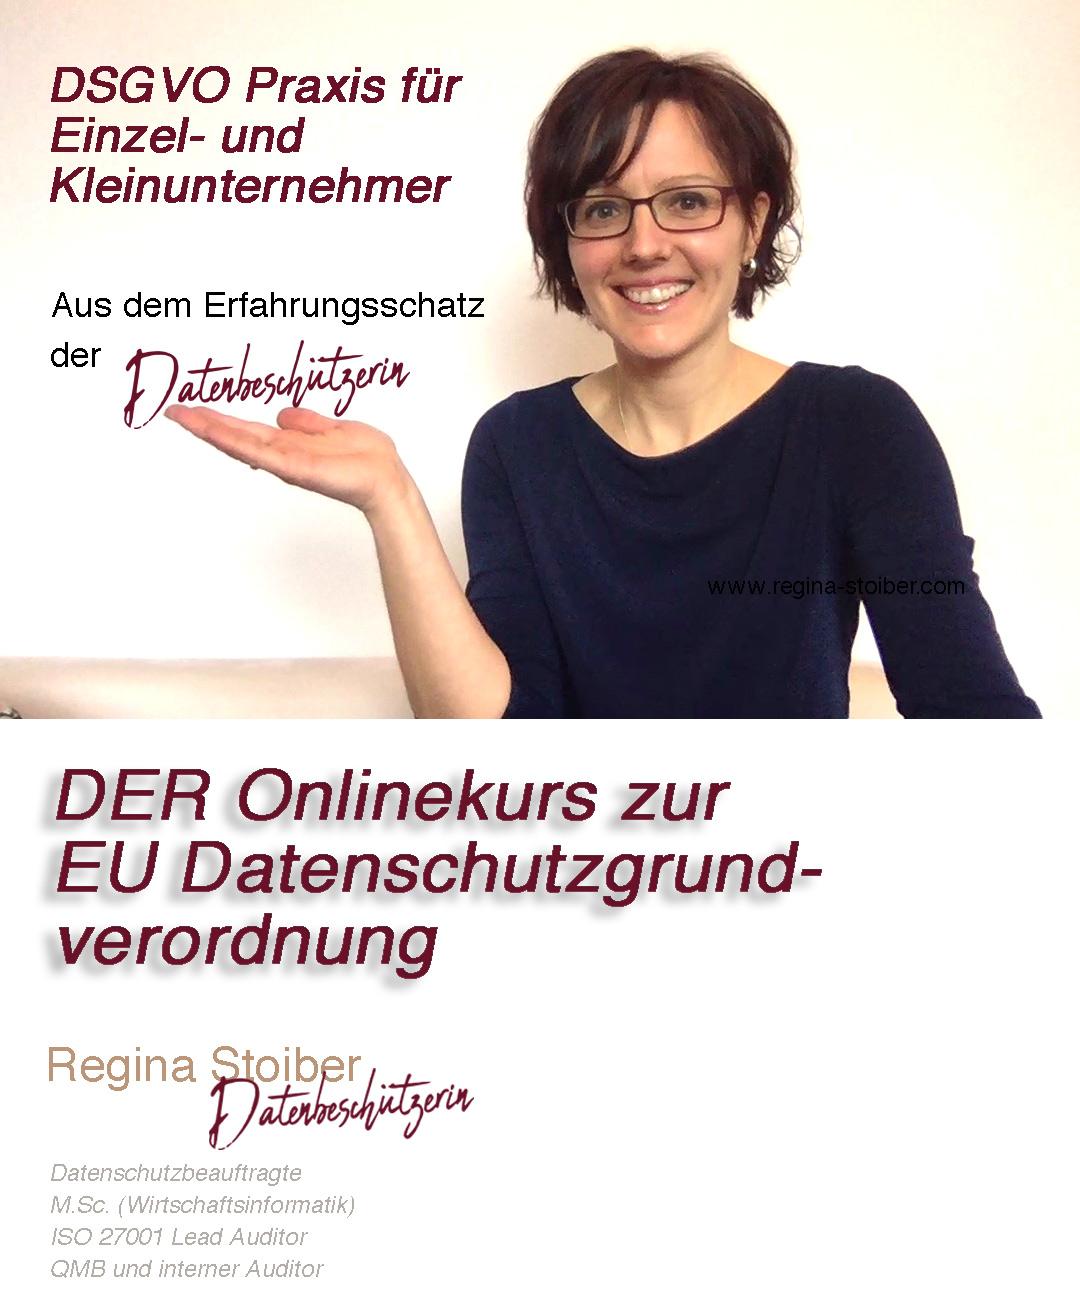 Machen Sie Ihre Website Dsgvo Tauglich Faltmann Pr